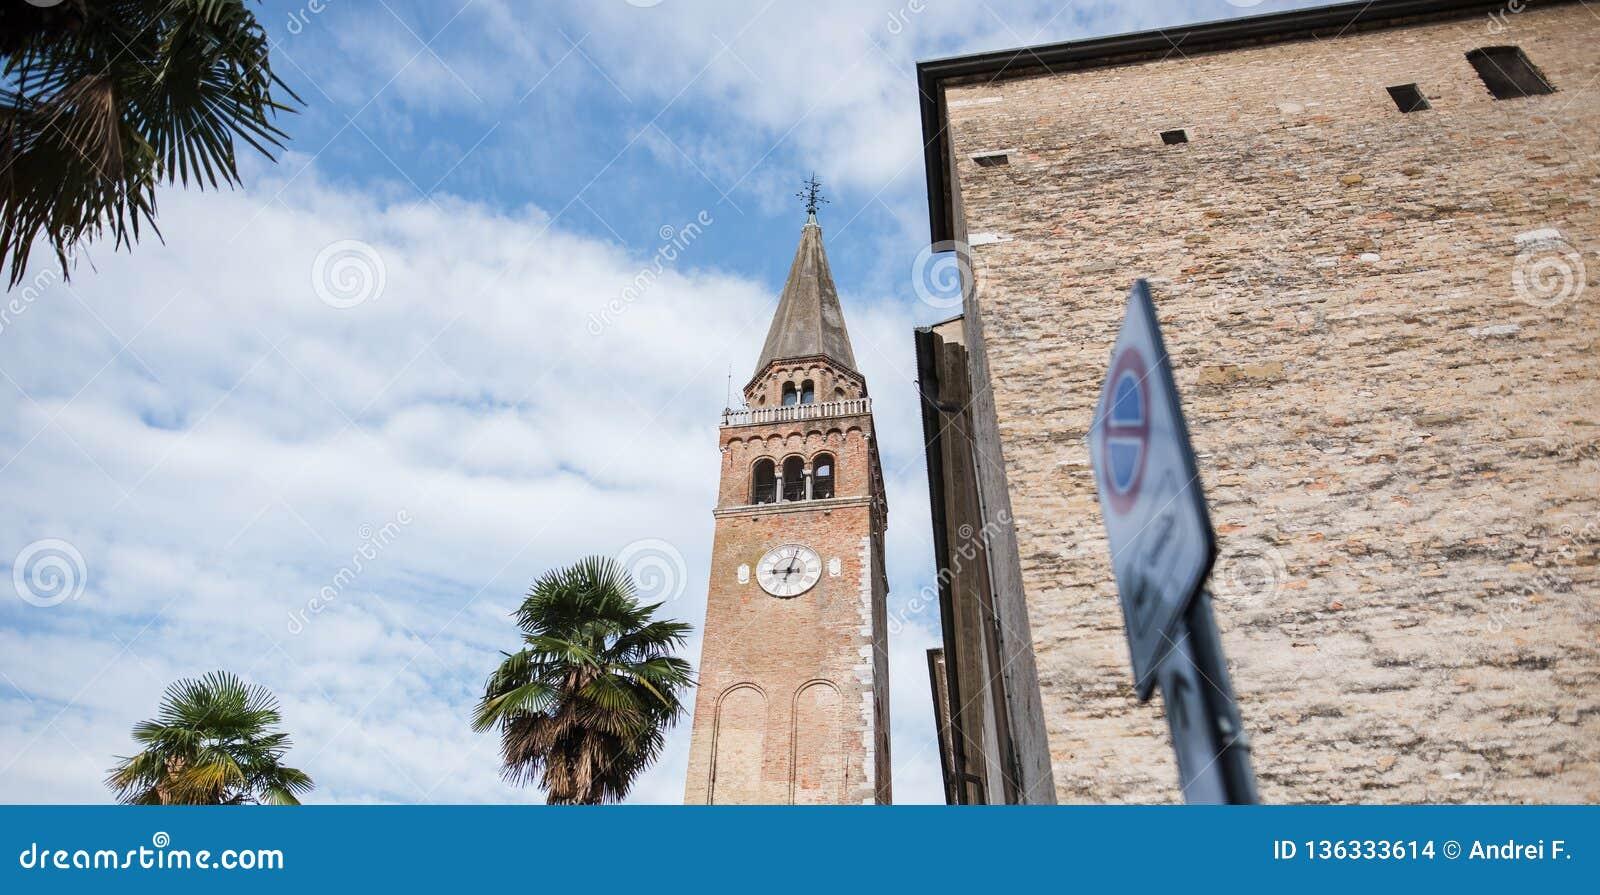 Paisaje del arhitecture italiano sobre fondo del cielo azul y de la palmera